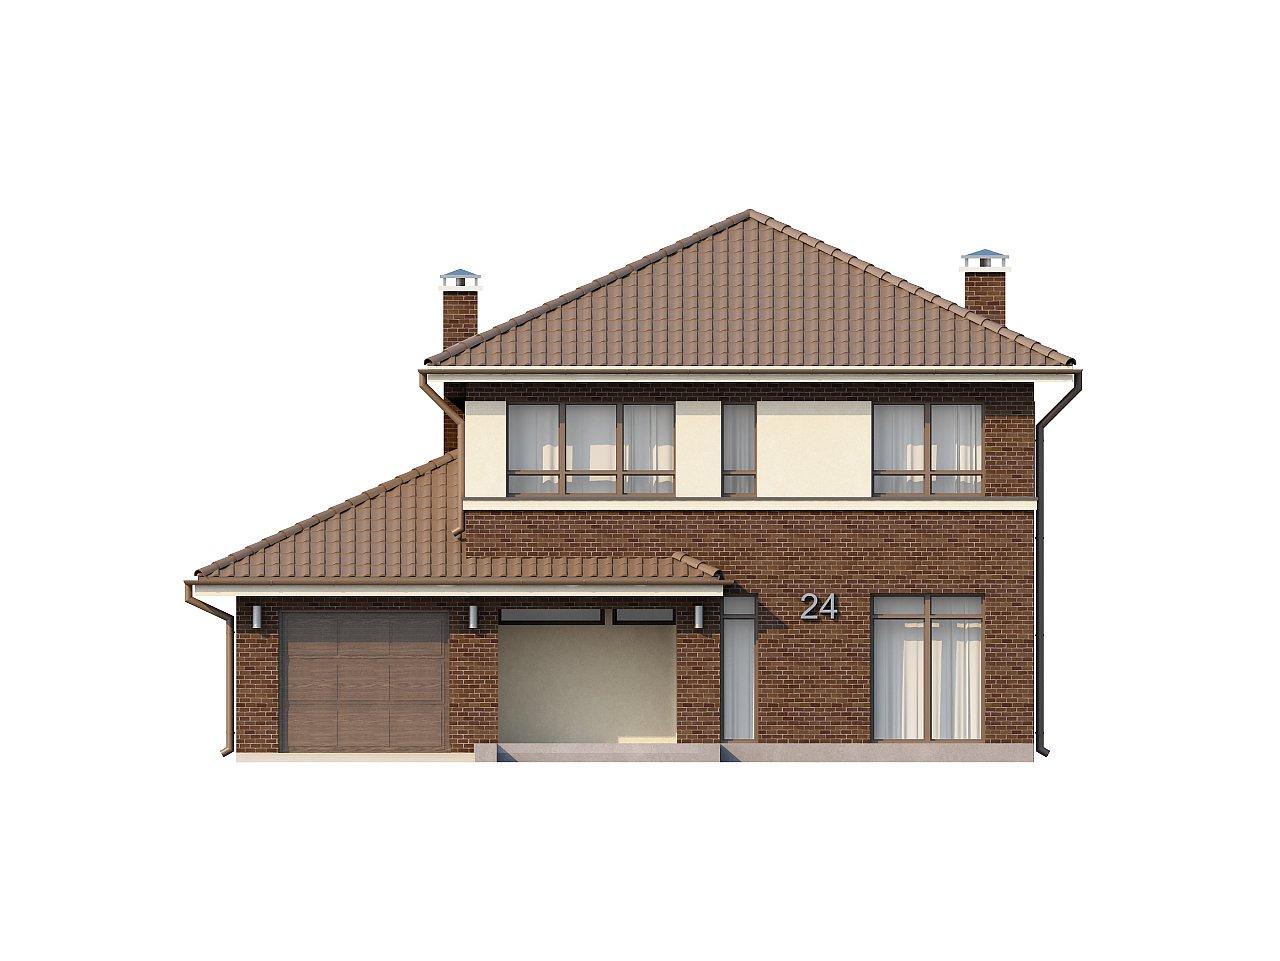 Элегантный двухэтажный дом с боковым гаражом и кабинетом на первом этаже. 21